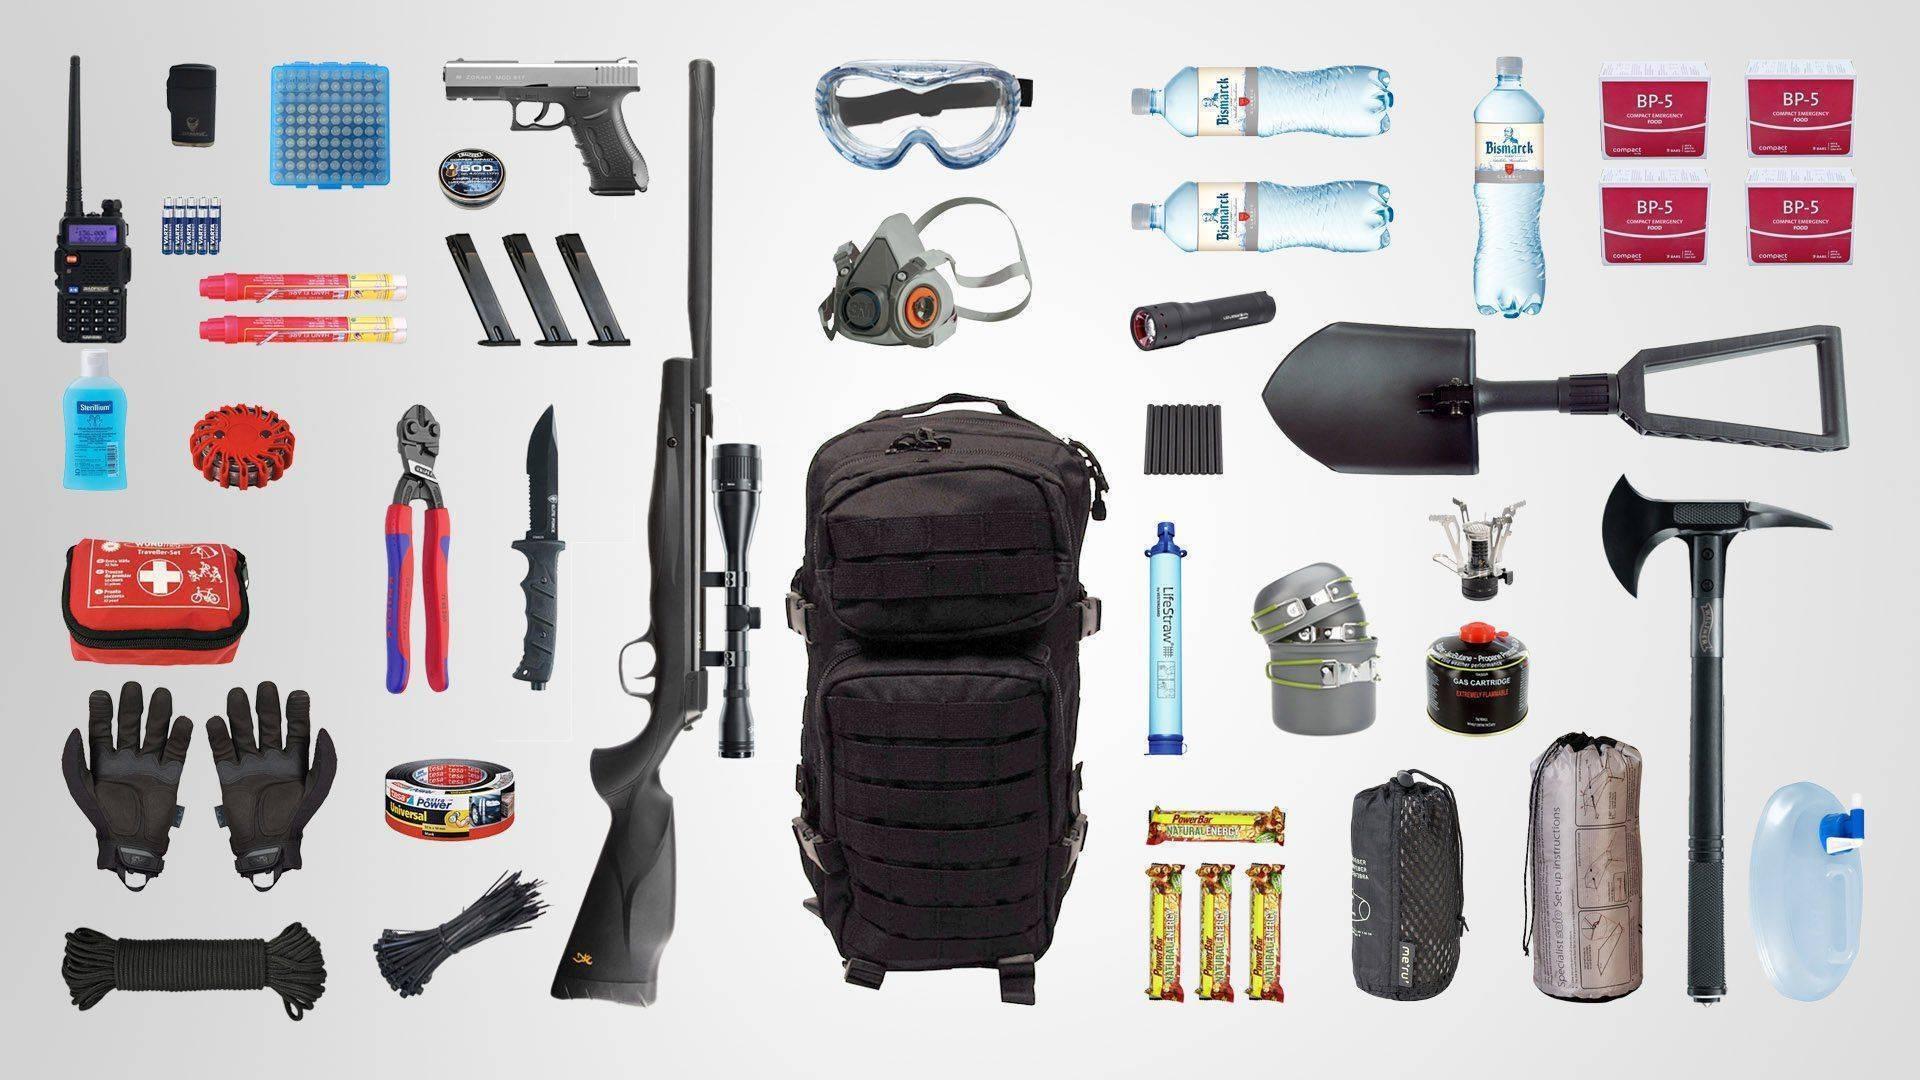 Необходимые и полезные вещи для выживания в экстремальных условиях